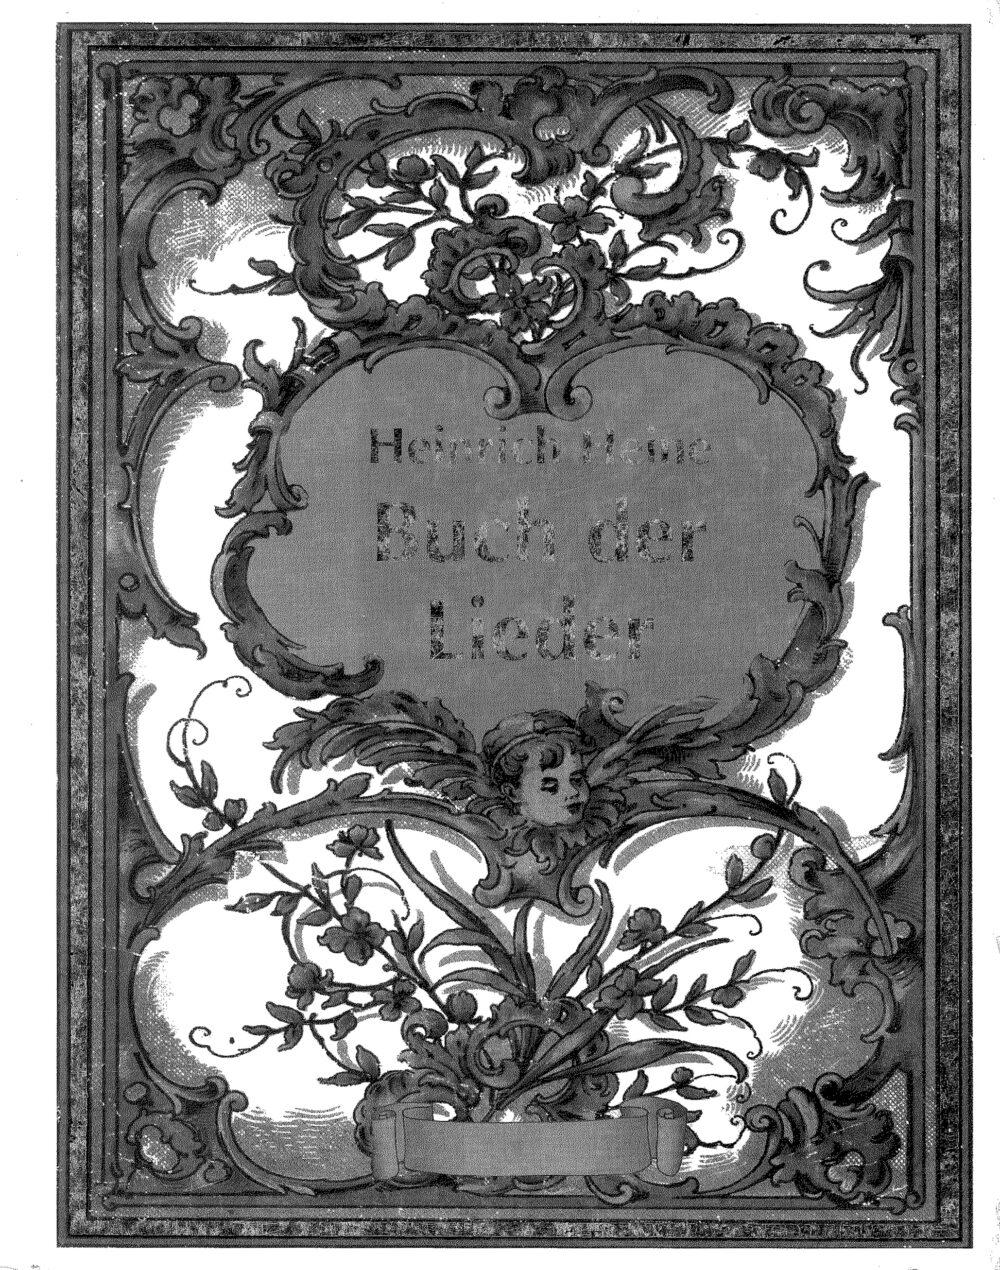 Heinrich Heine - Buch der Lieder